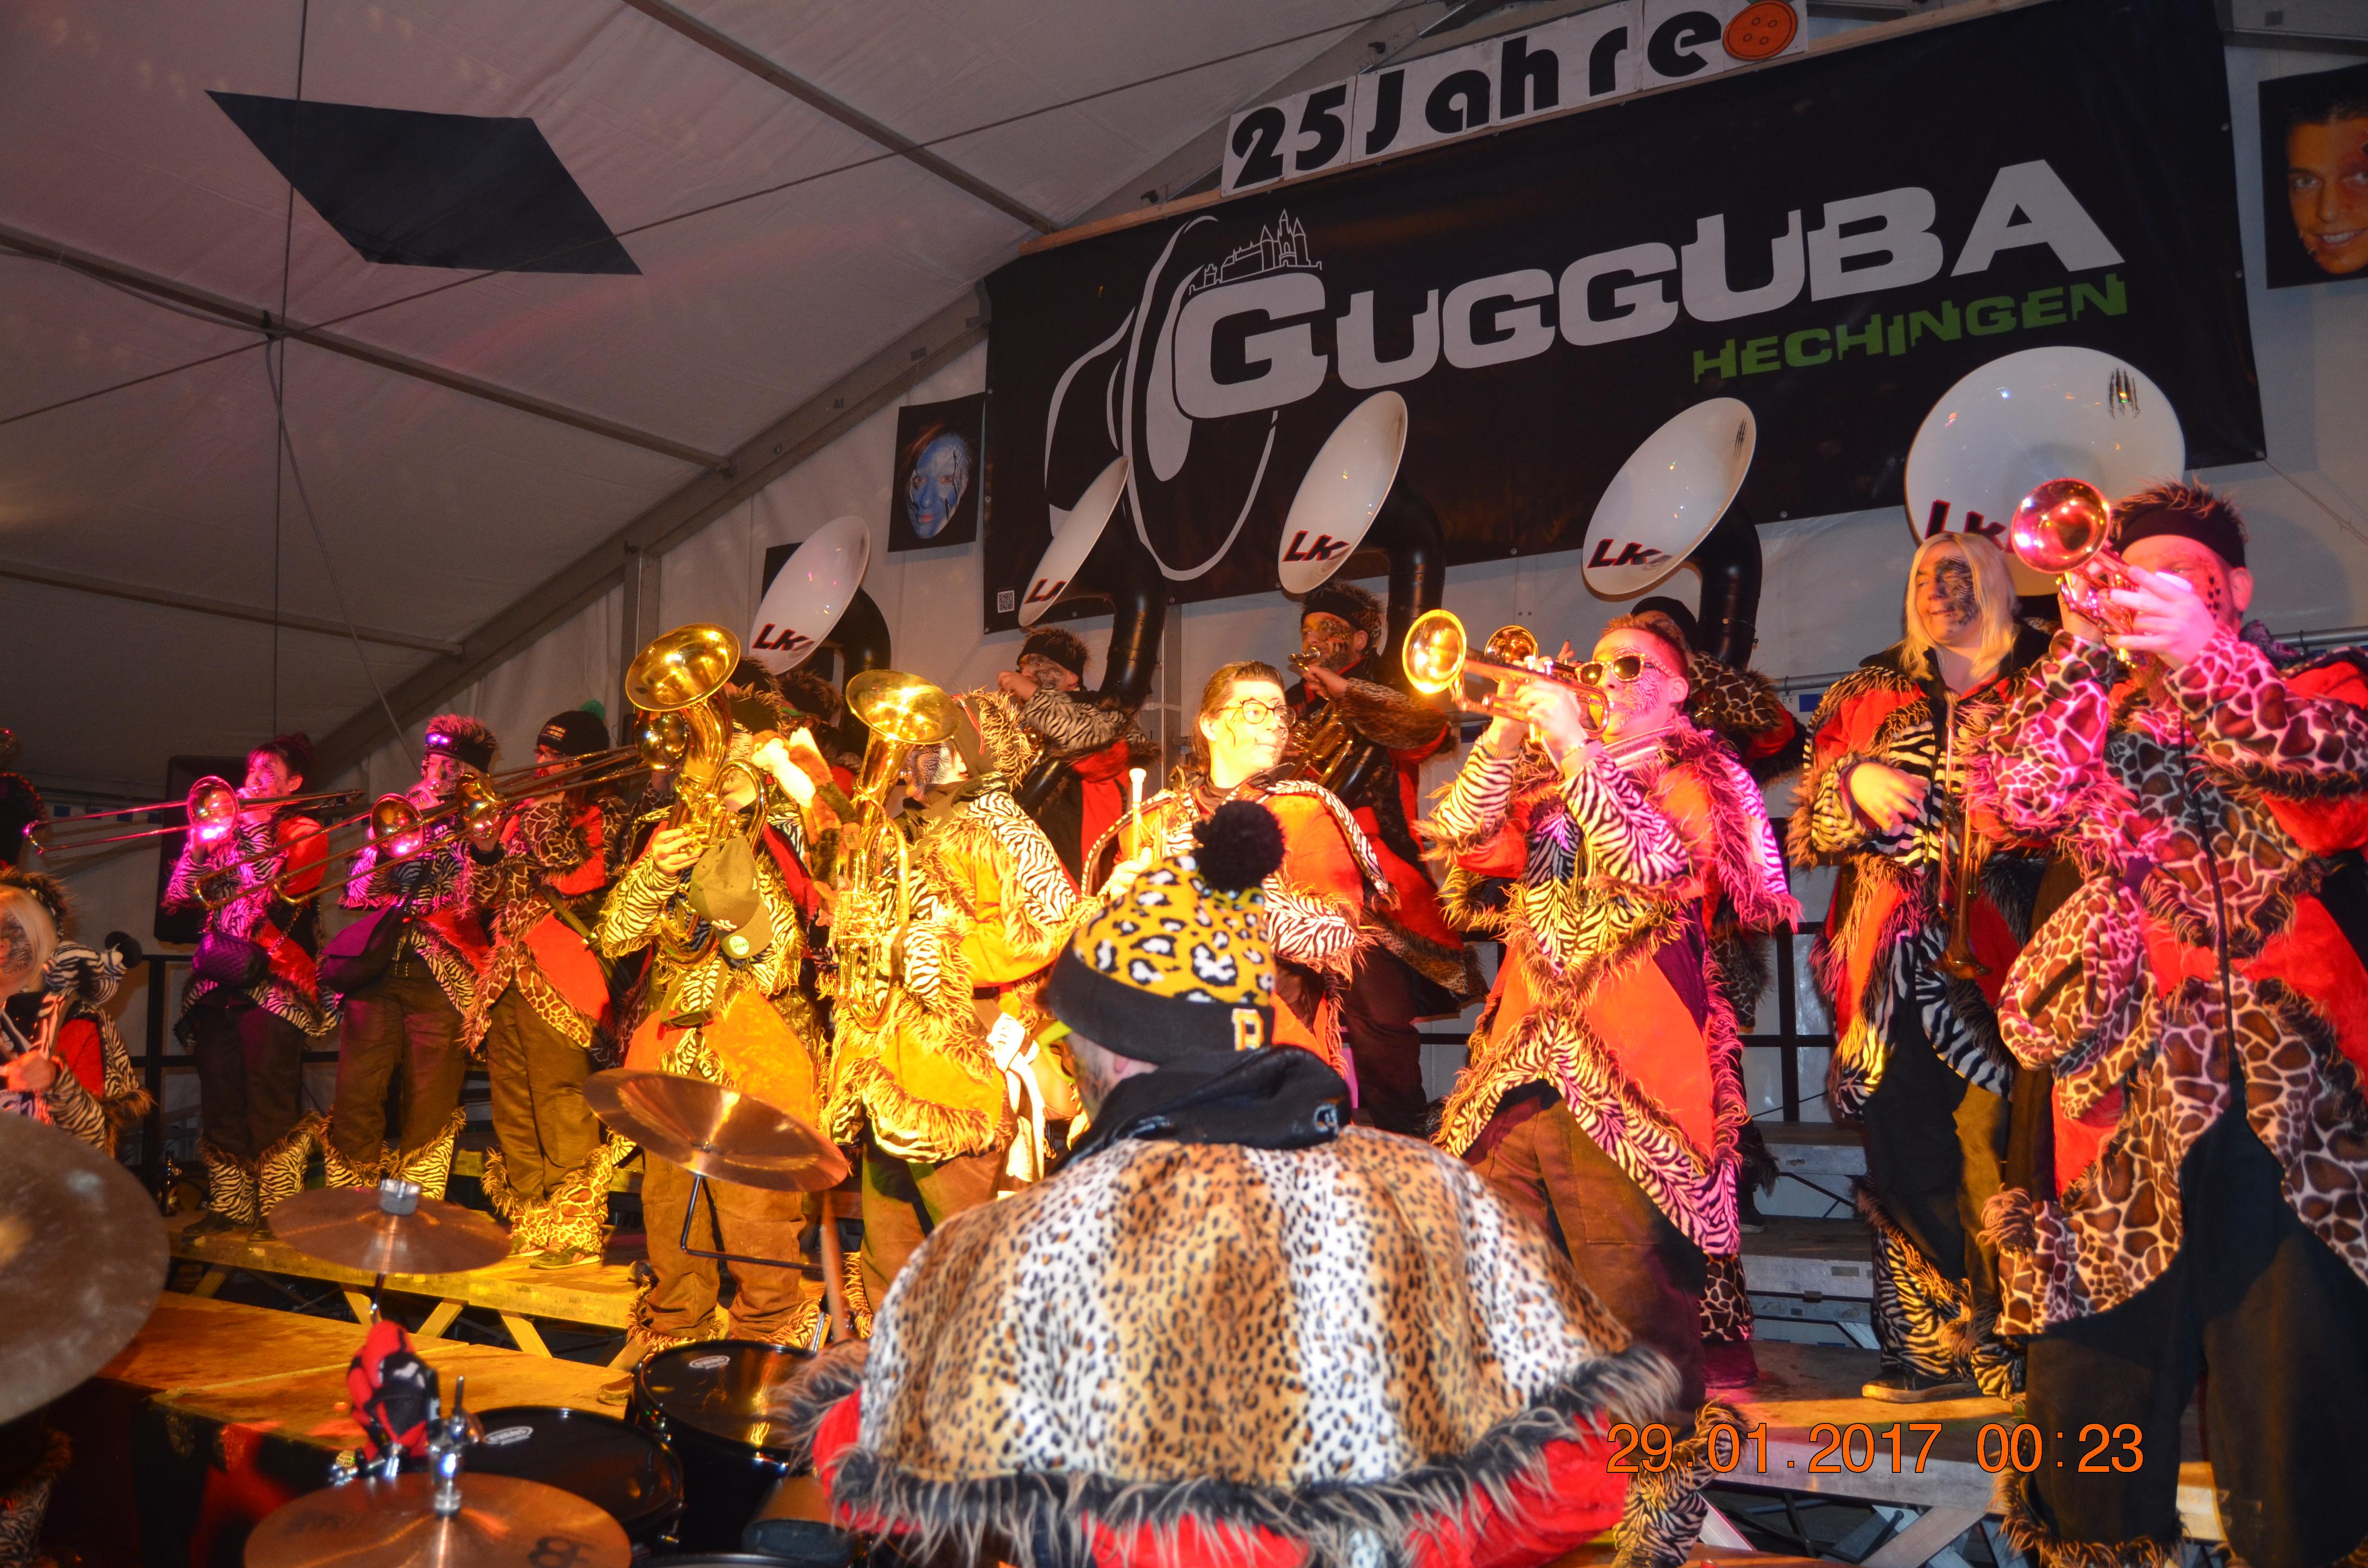 Gugguba Hechingen